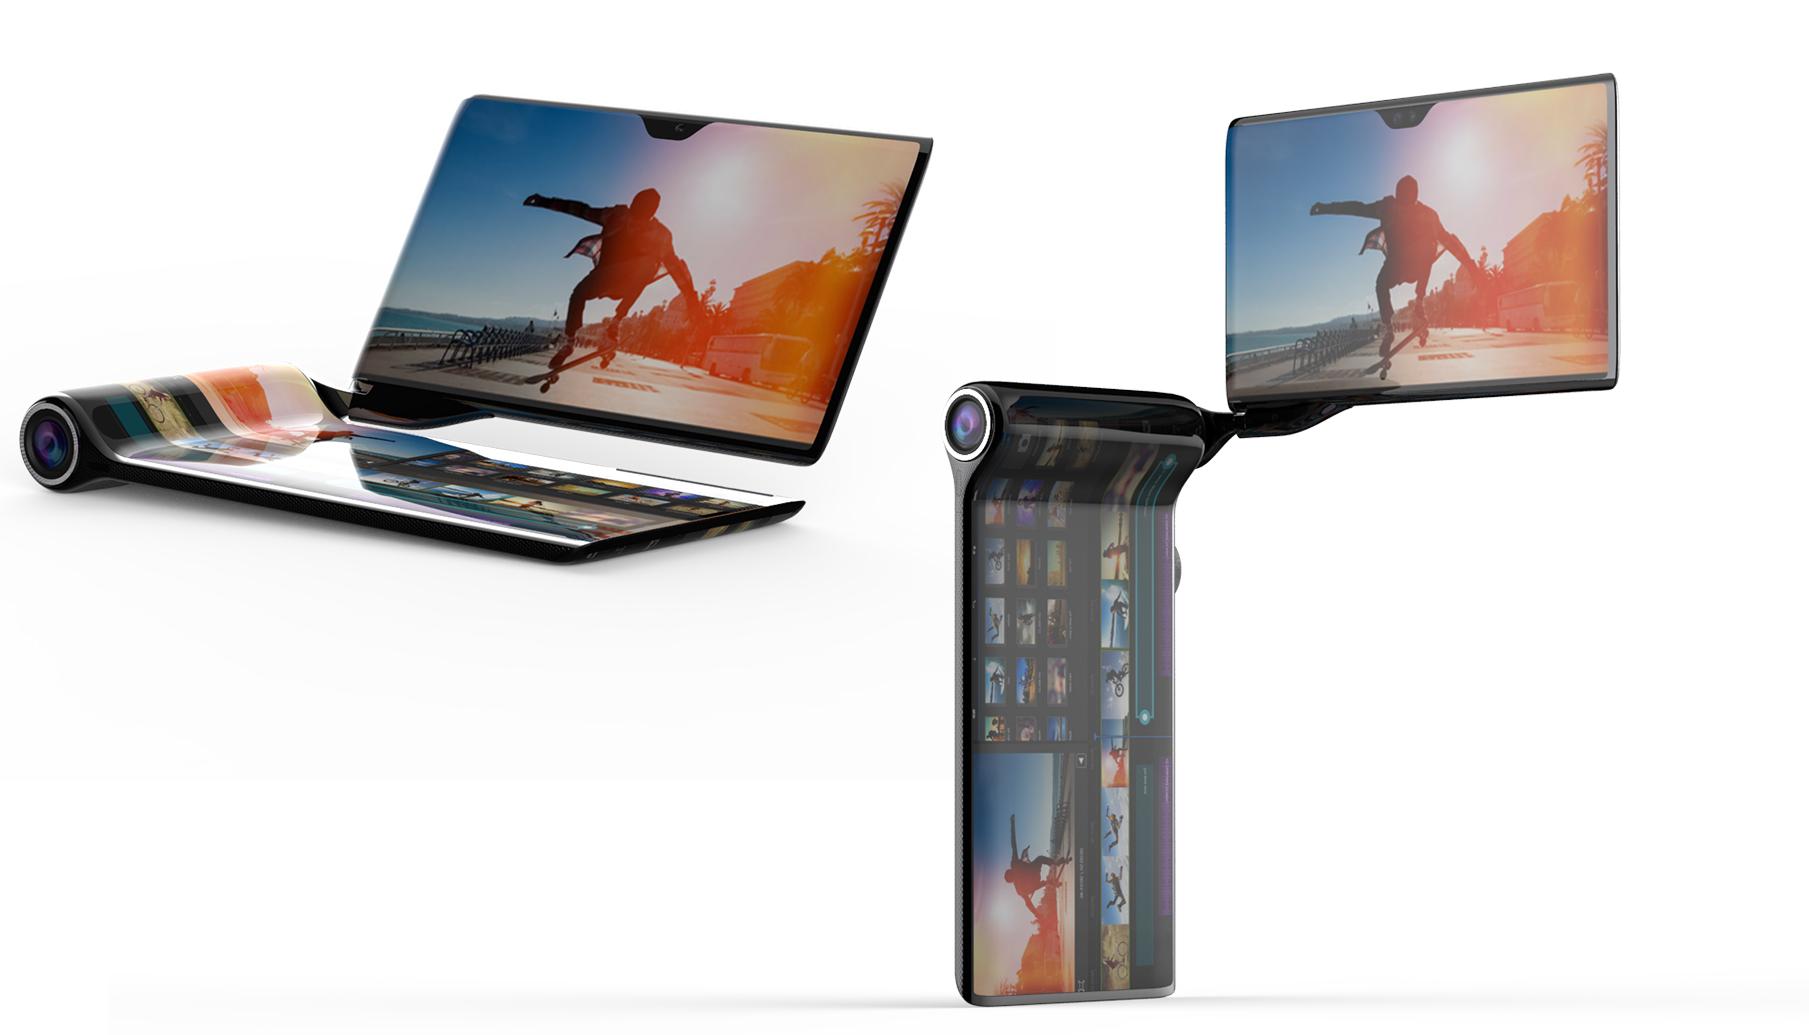 3 écrans, 2 Snapdragon 855, prix astronomique… Voici l'atypique Turing HubblePhone